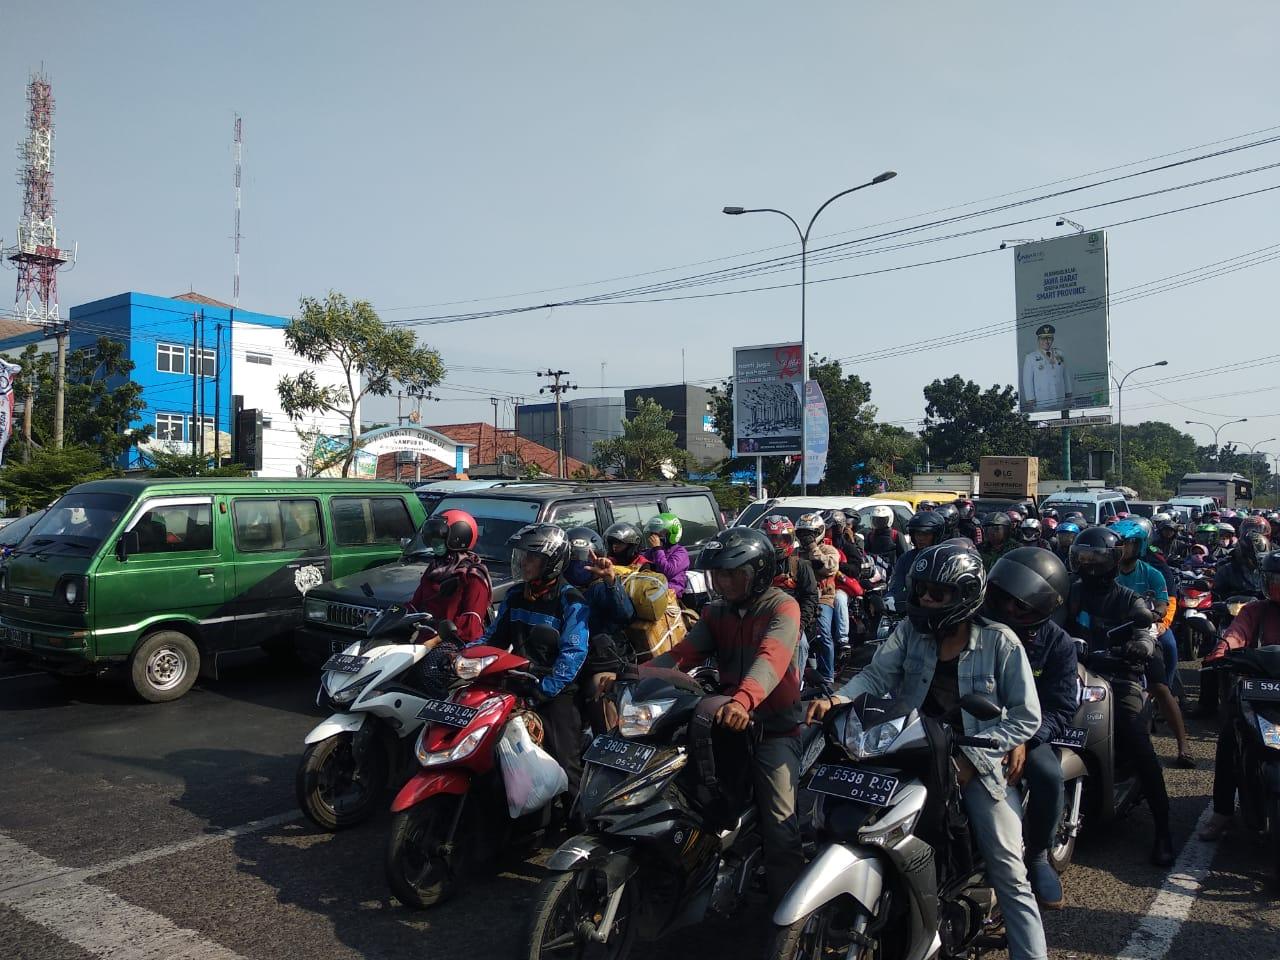 Kondisi arus kendaraan roda dua di jalur Pantura Kota Cirebon yang mencapai 120 unit permenit, melintasi jalur ini. Foto: Alwi